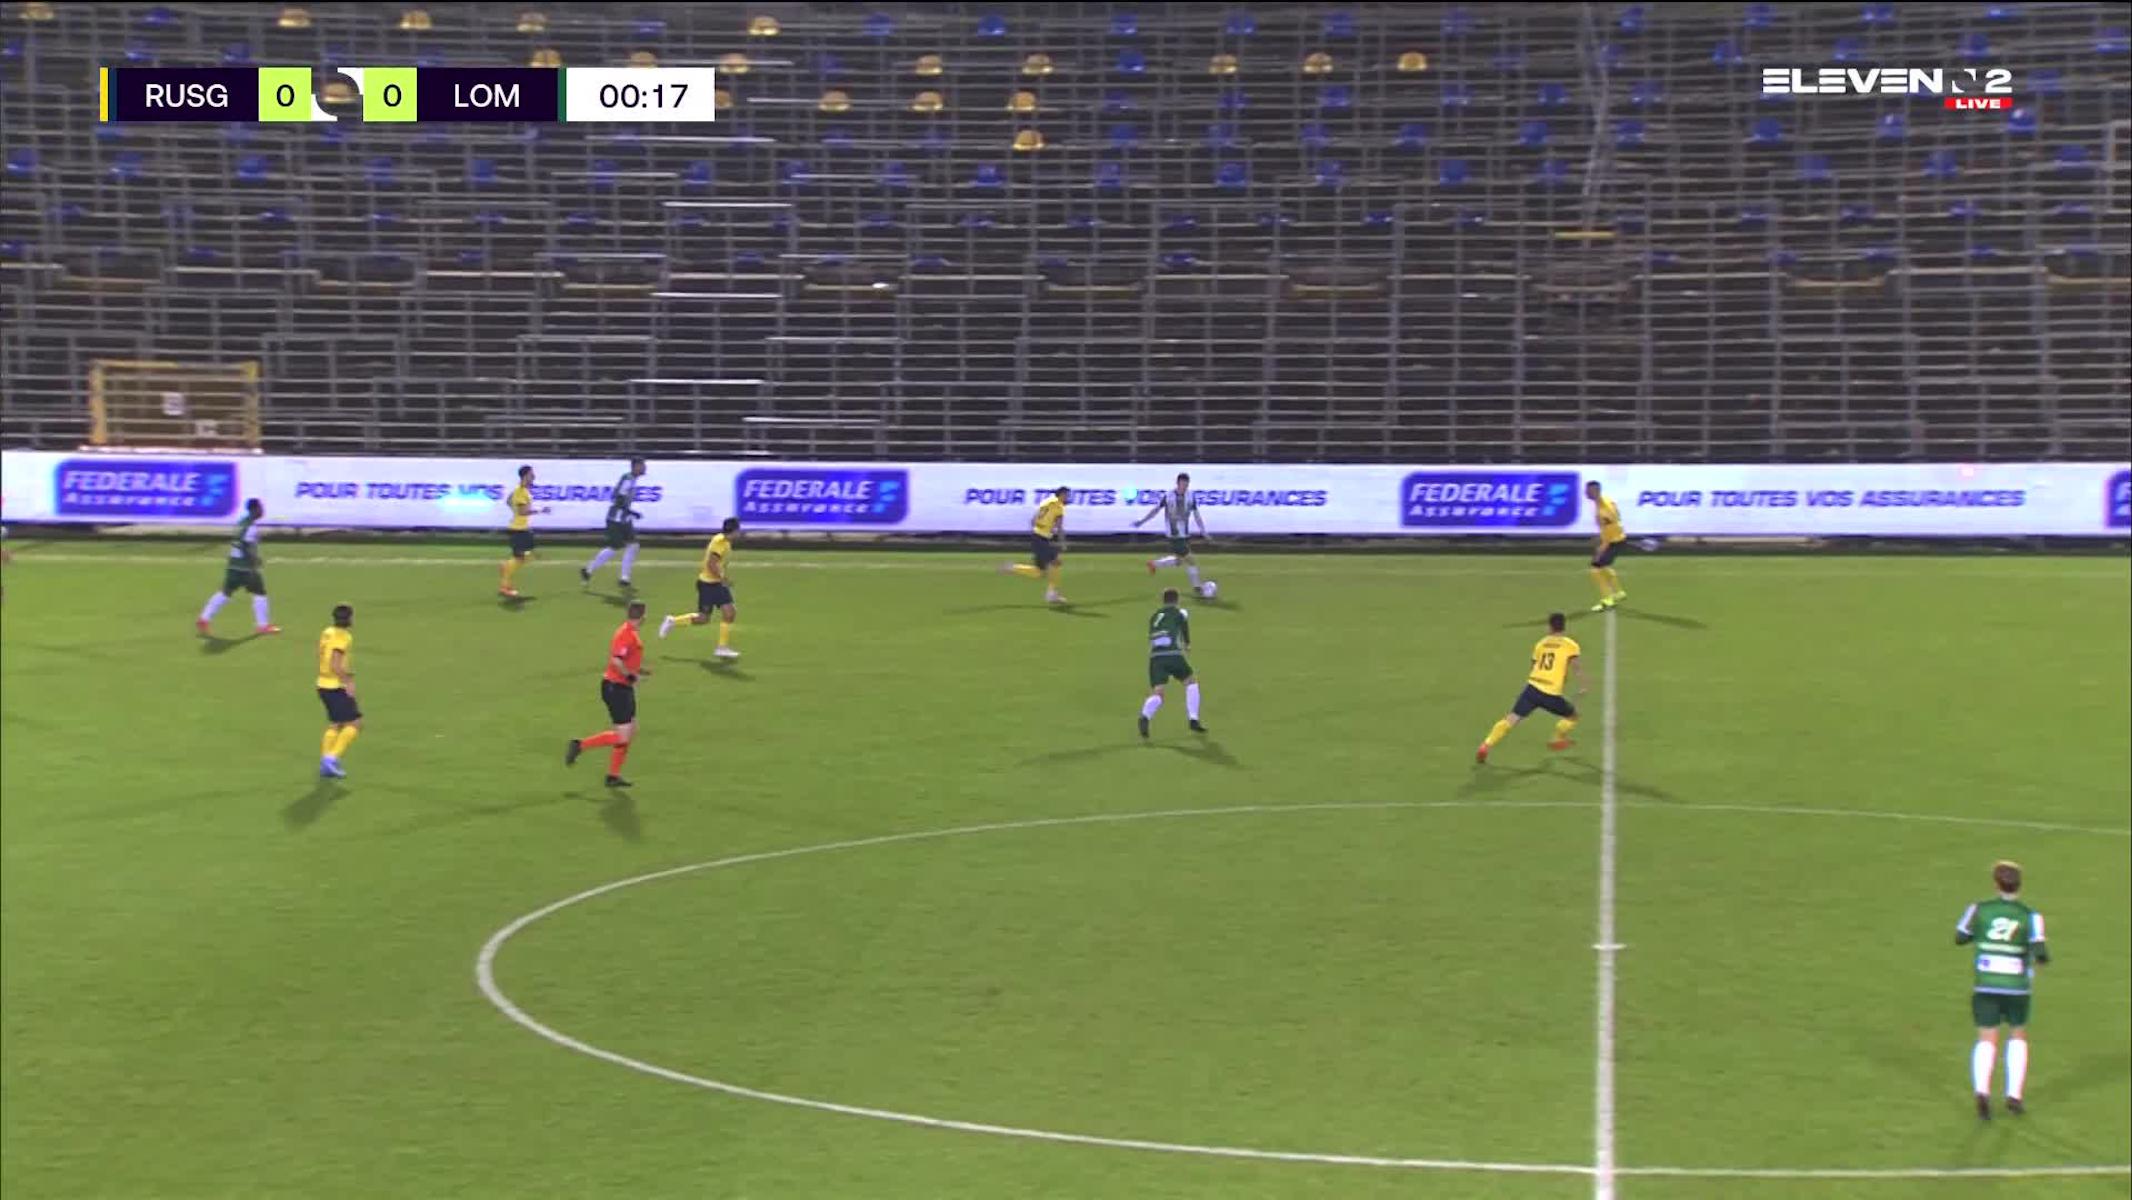 Doelpunt Arno Verschueren (Royale Union Saint-Gilloise vs. Lommel SK)